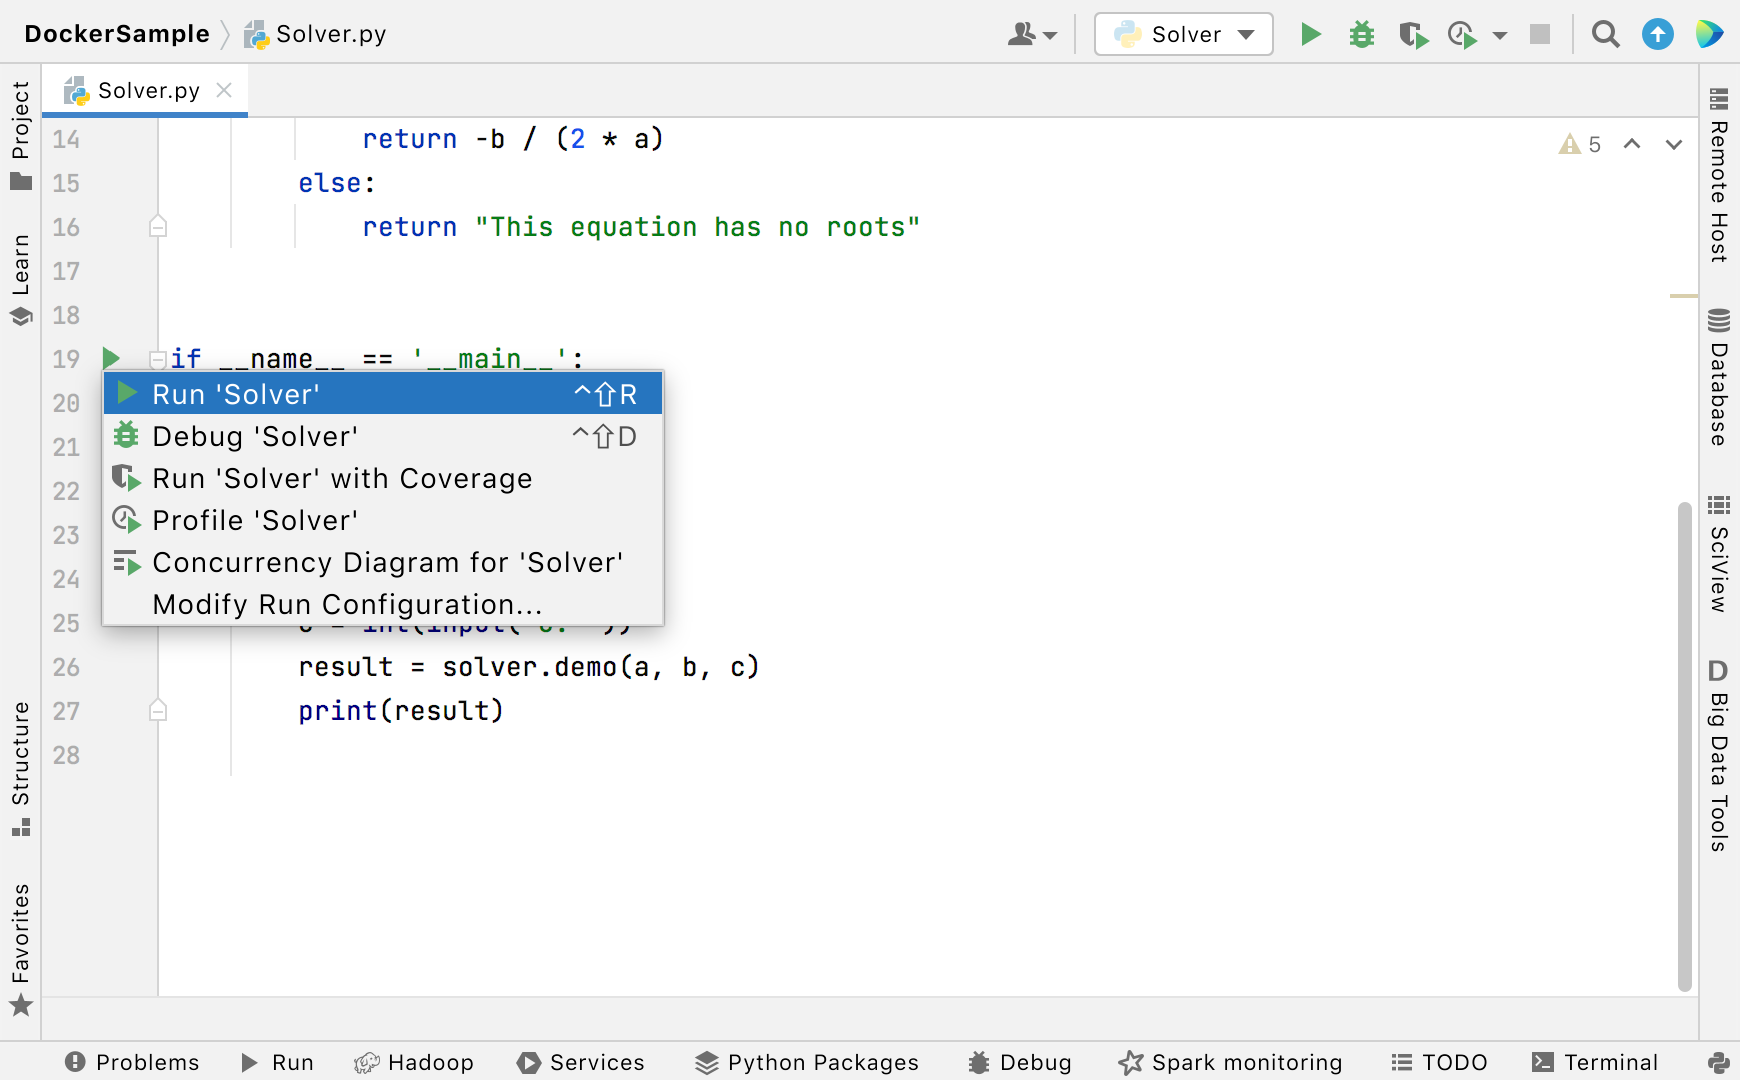 Run context menu